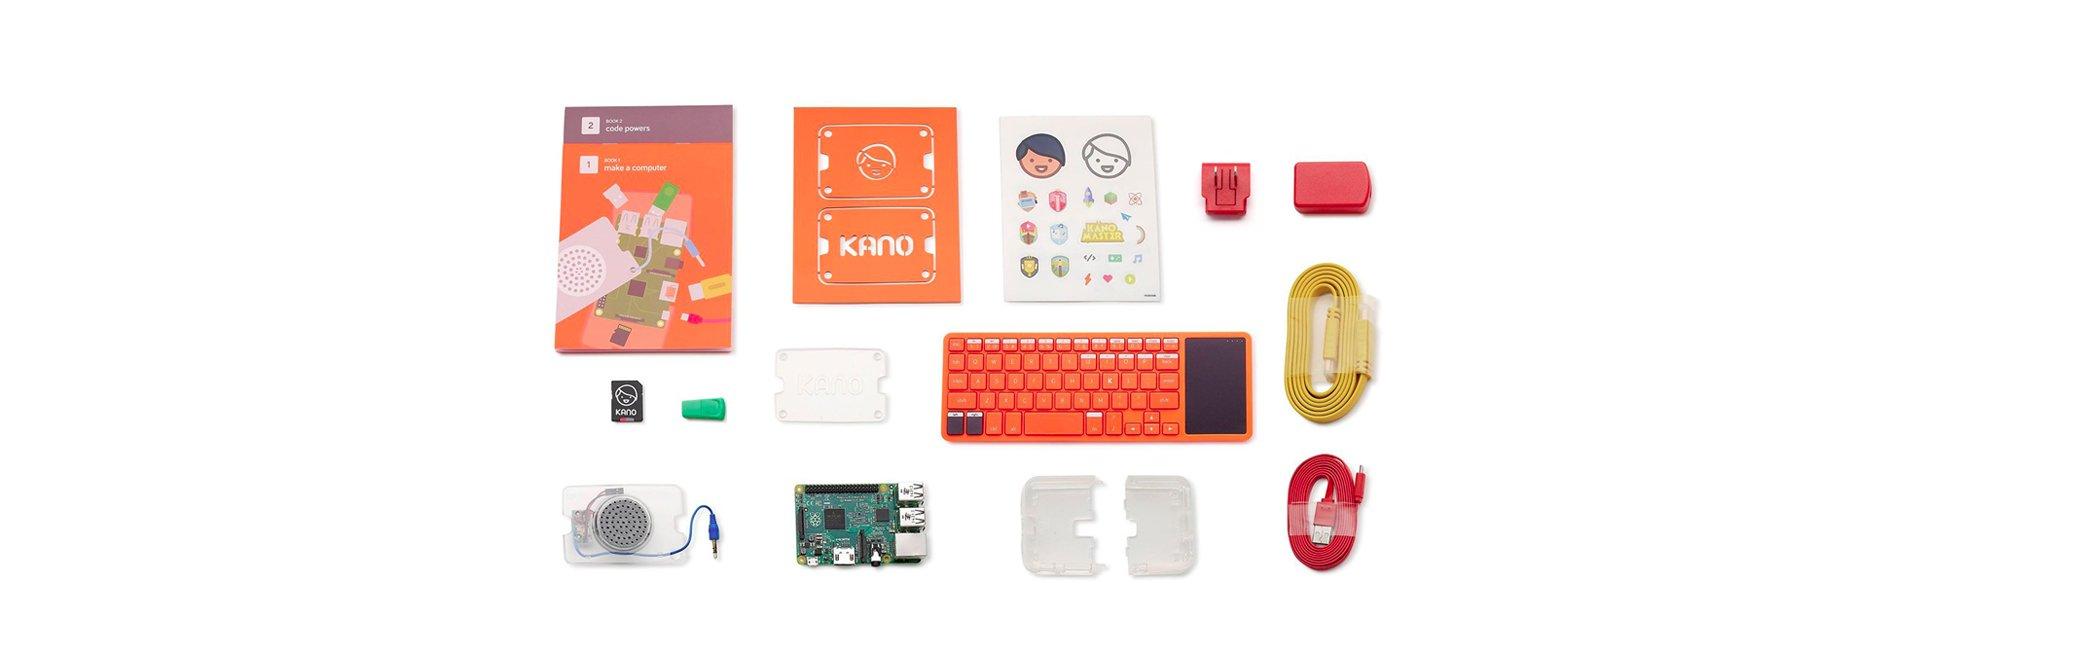 Kano Computer Kit (2016 Edition) by Kano (Image #2)